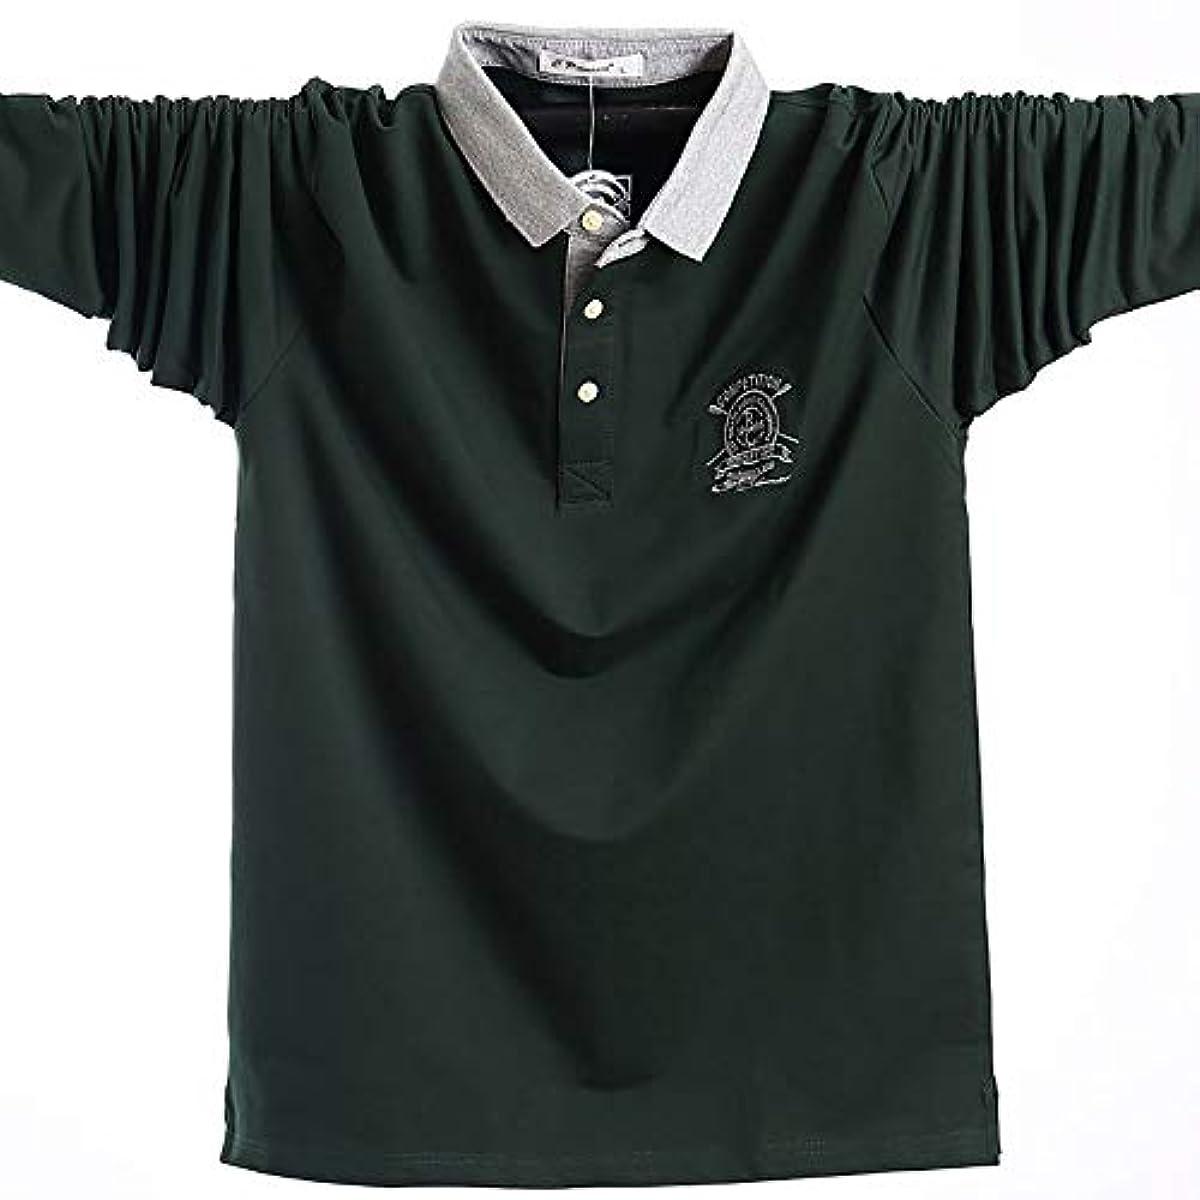 [해외] 맨즈 폴로 셔츠 POLO셔츠 긴 소매 무지 원 포인트 스포츠 축구 골프 골프 웨어 춘추동 비지니스 심플 통기성 흡한 속건